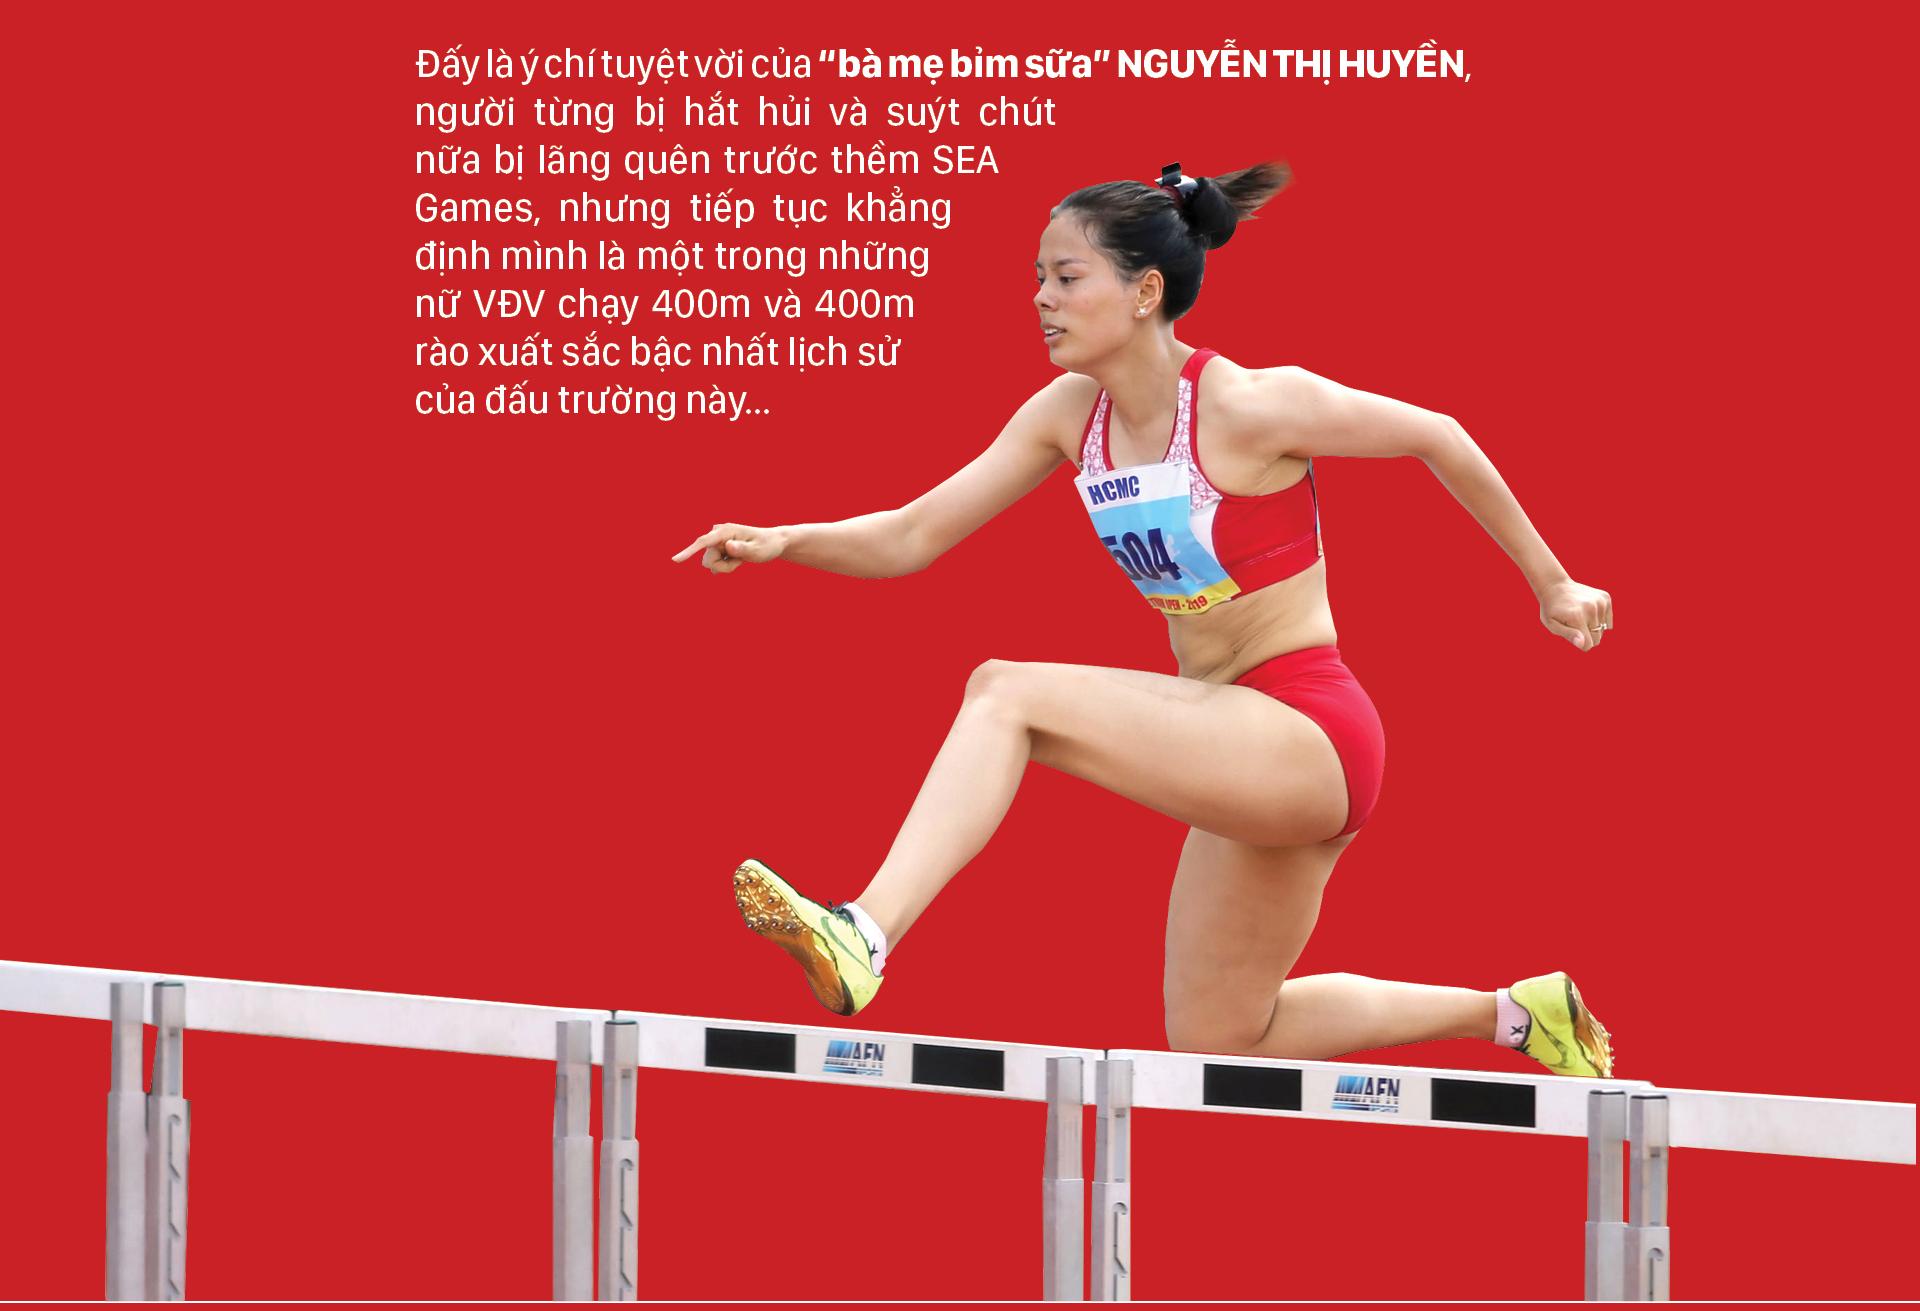 Thể thao Việt Nam - Kiêu hãnh đi về tương lai ảnh 7